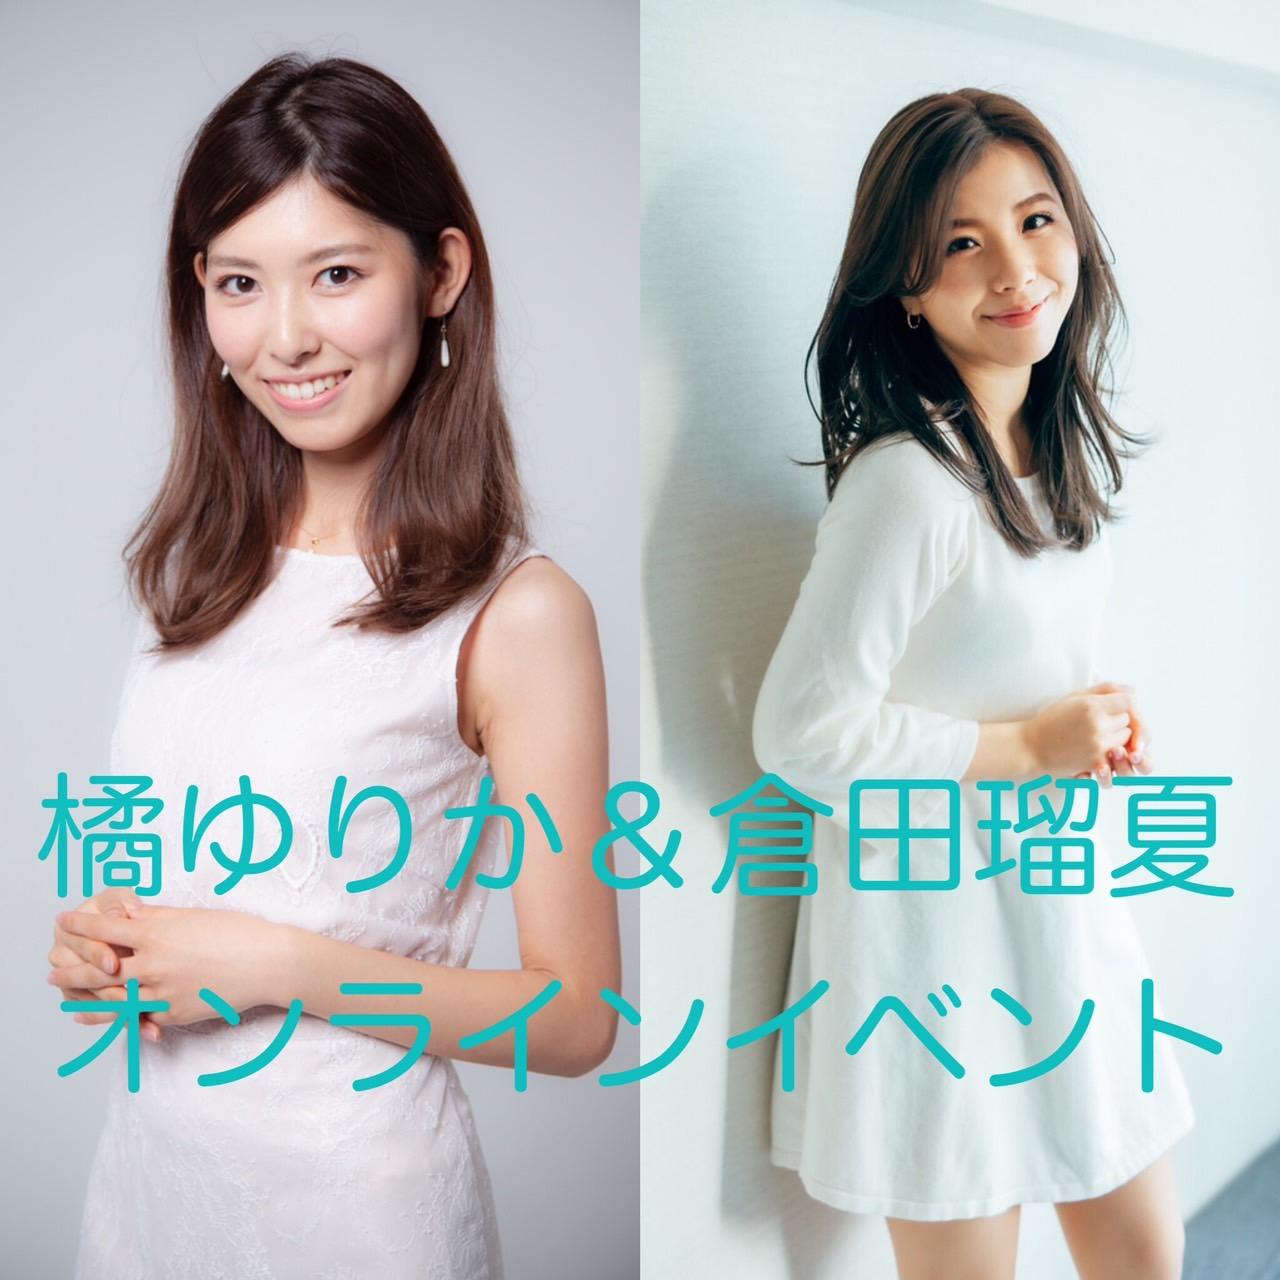 【25人限定!】橘ゆりか&倉田瑠夏オンラインイベント